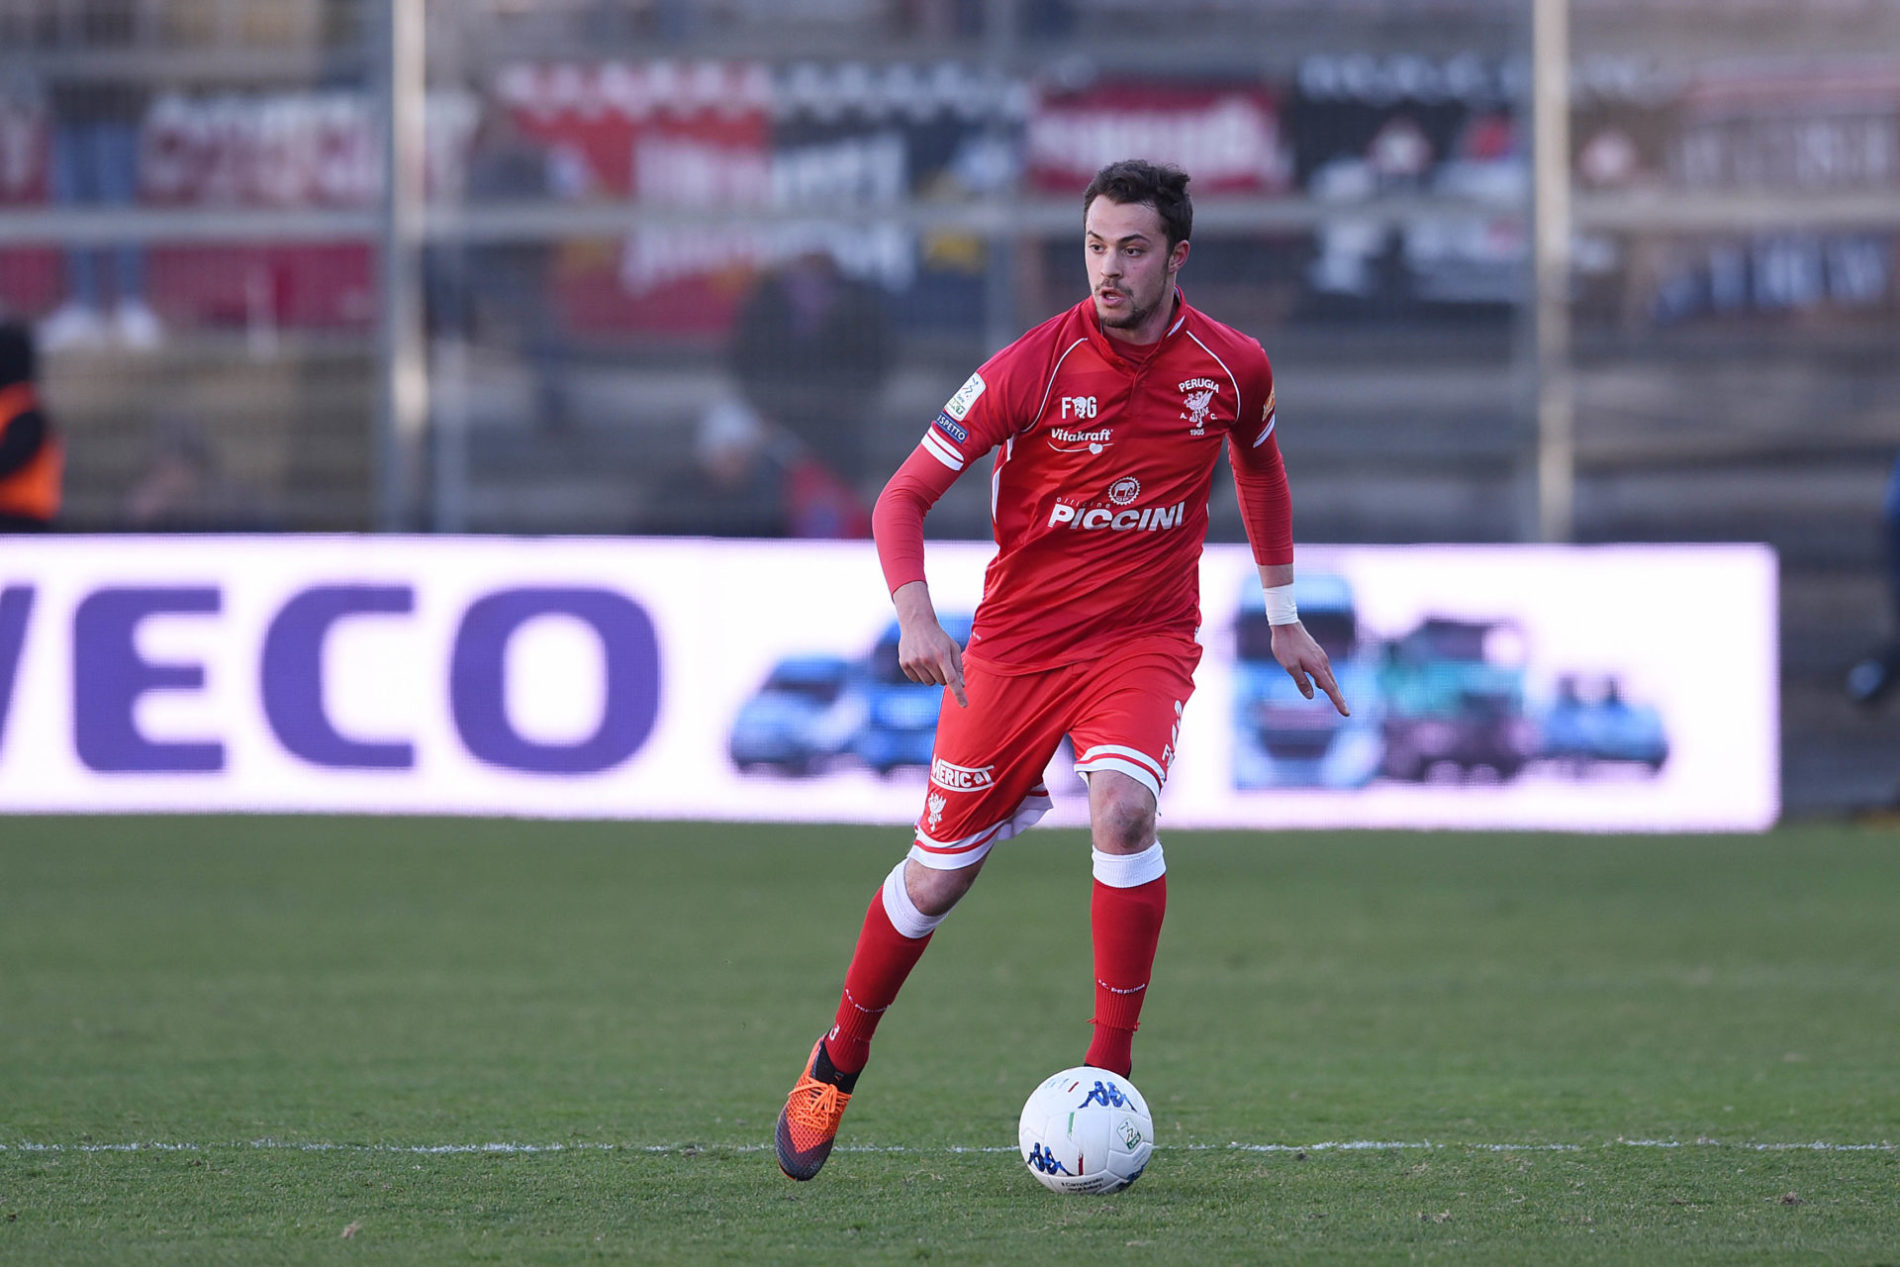 Serie B, il Venezia non affronterà il Pordenone